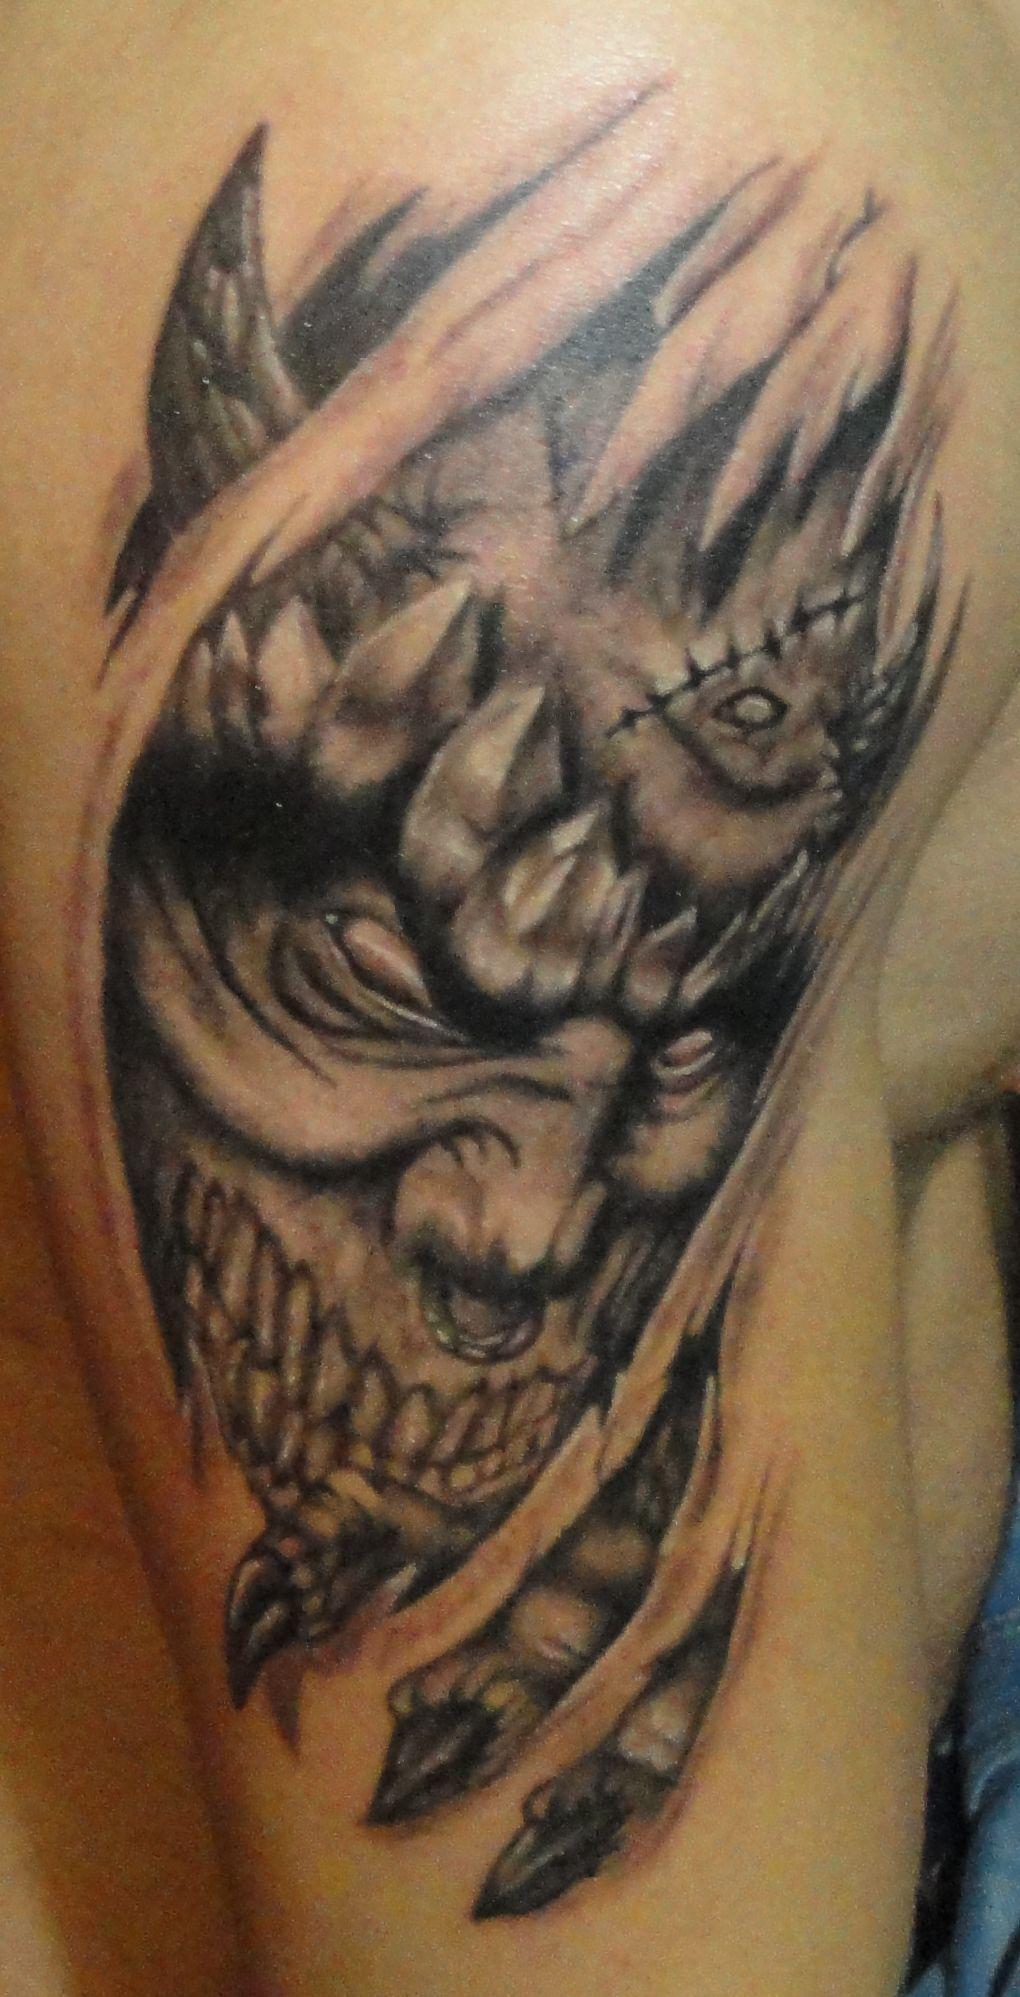 Www Tattnroll Com 3d Ripped Skin Monster Tattoo Tattoo Tattnroll Tatt N Roll Tattoo Artists Emre Ere Skin Tear Tattoo Ripped Skin Tattoo Taurus Tattoos